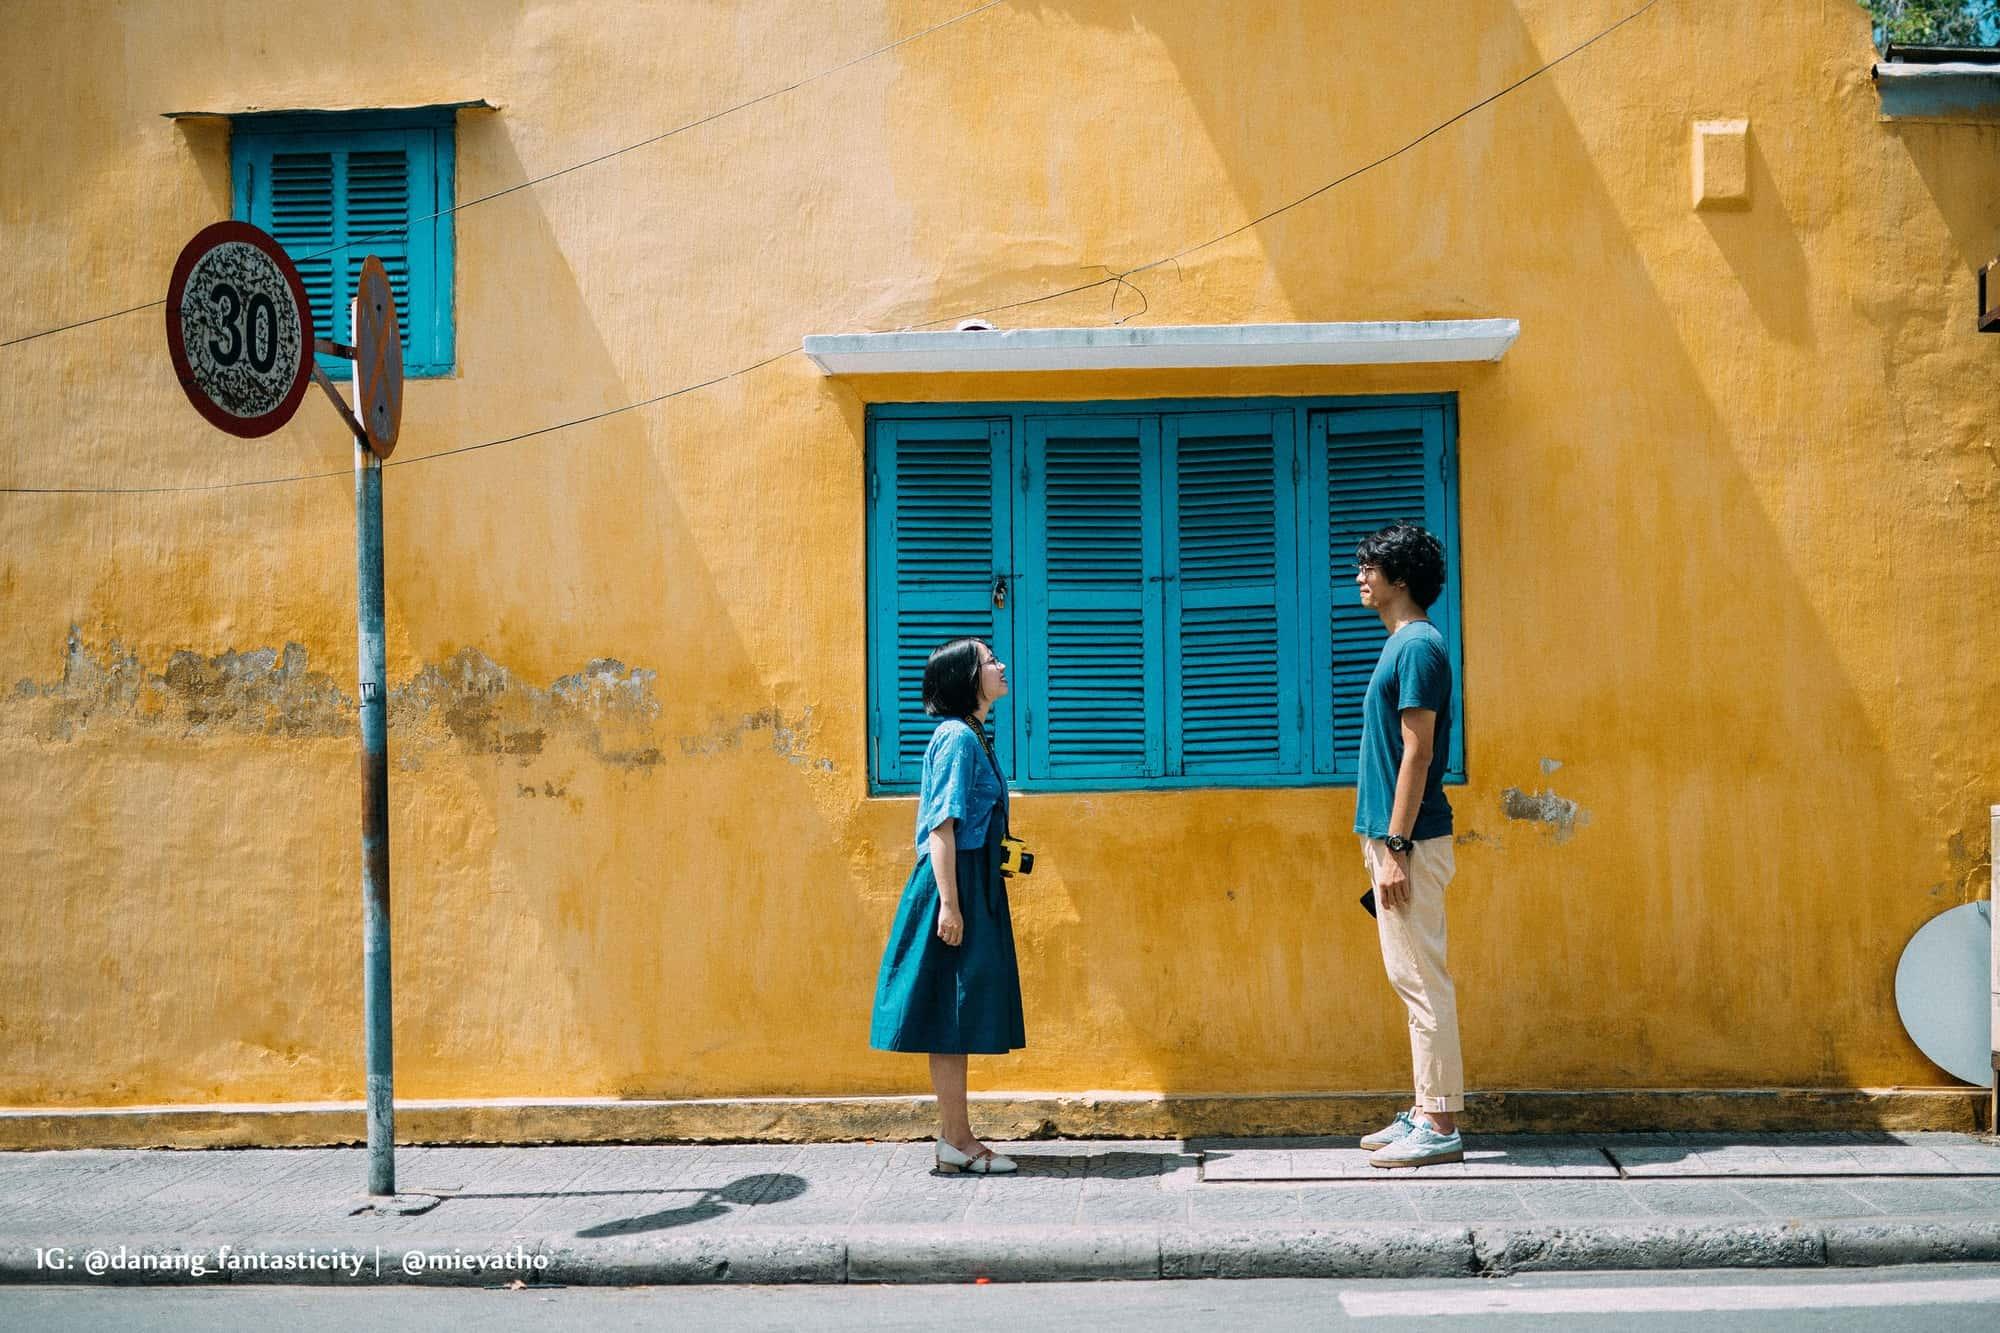 Những bức tường vàng cũng là background siêu xinh cho những chiếc hình của hai bạn. Hình: Instagram @mievatho